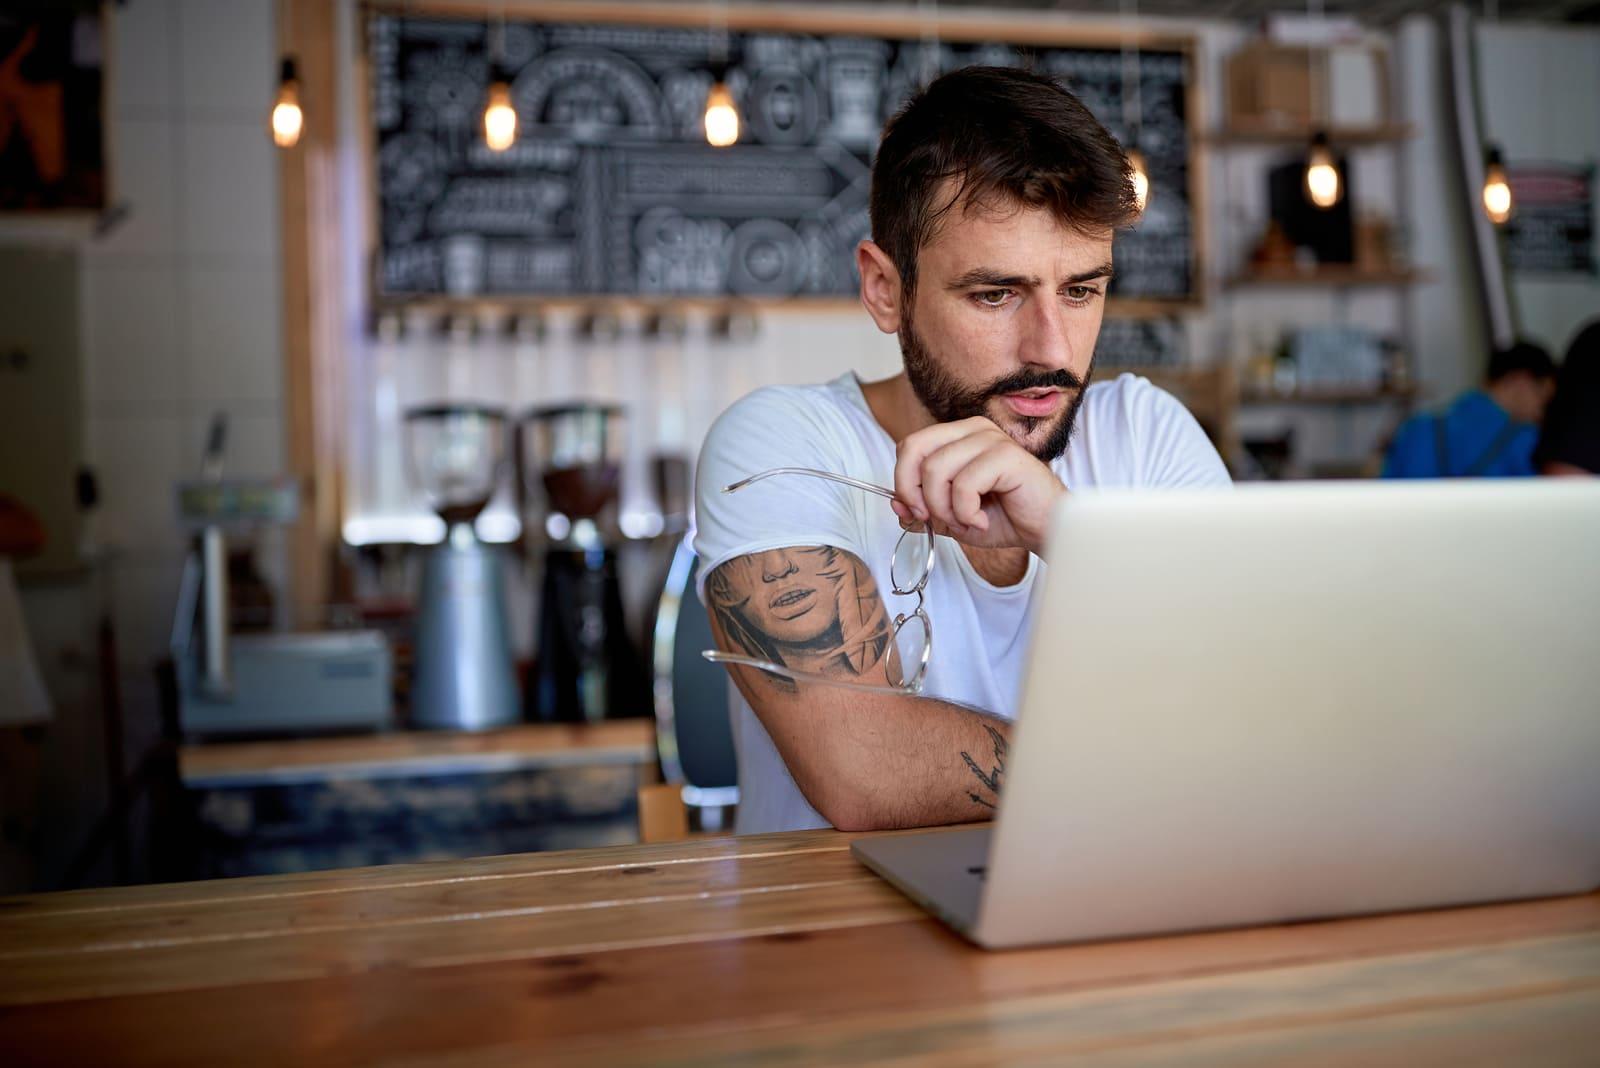 man wearing white t-shirt sitting in cafe